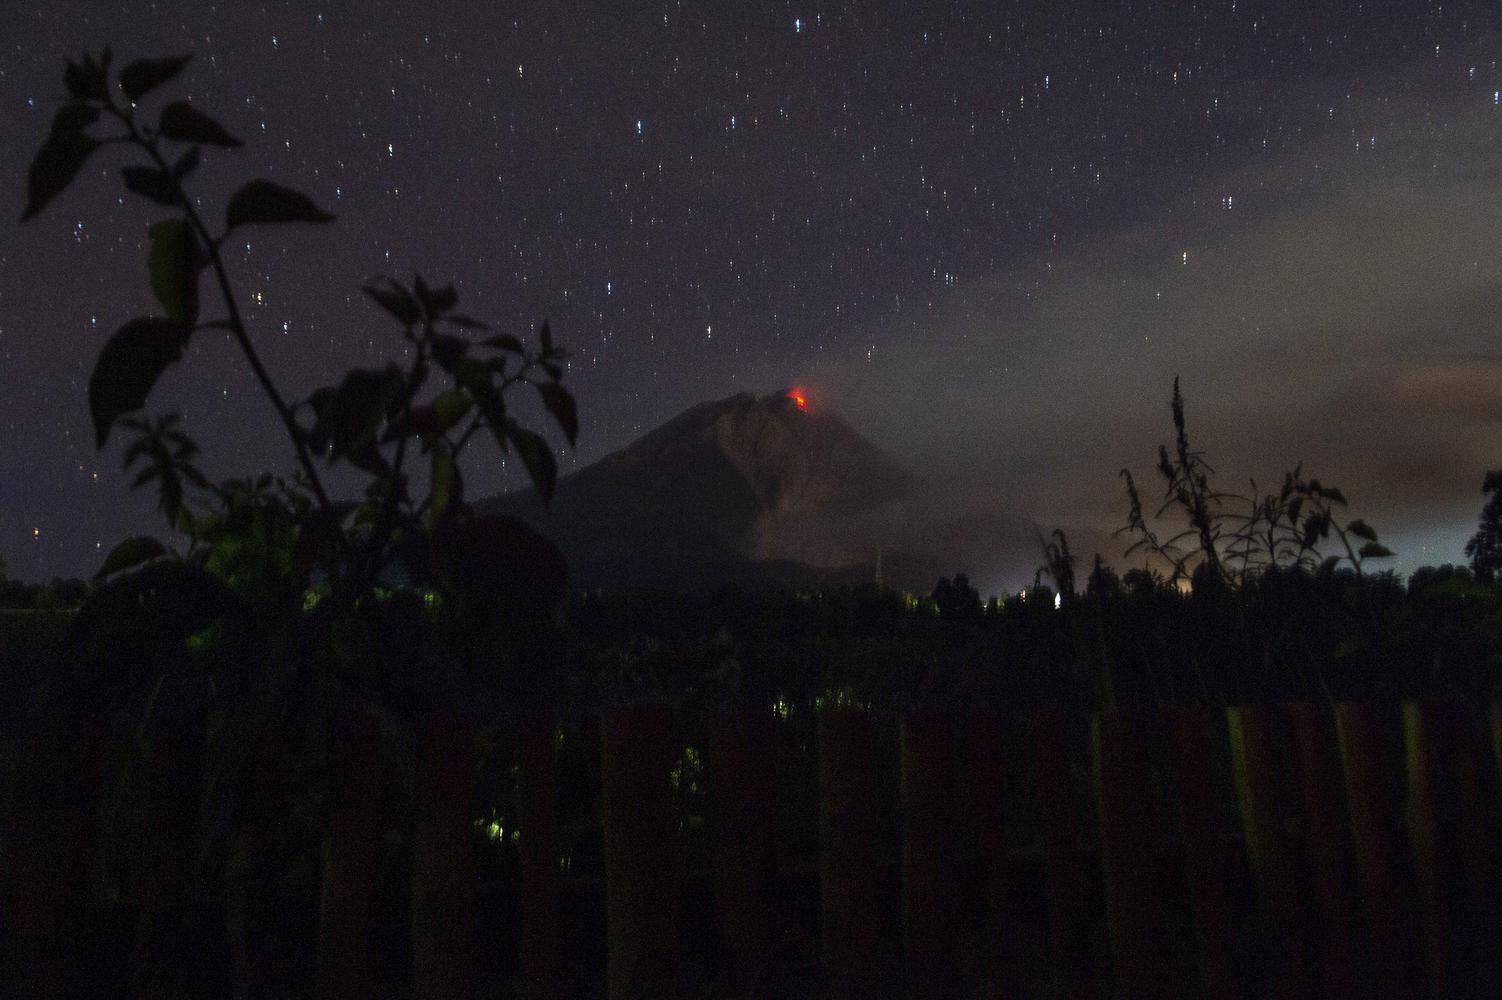 Guguran lava dari puncak Gunung Sinabung terlihat dari di Desa Tigapancur, Simpang Empat, Karo, Sumatera Utara, Kamis (25/2/2021). Pusat Vulkanologi dan Mitigasi Bencana Geologi (PVMBG) di Pos Pemantauan Gunung Api Sinabung mencatat volume kubah lava di puncaknya sudah mencapai 4 juta meter kubik sehingga diimbau untuk warga yang berada pada radius 2.5 kilometer dalam zona merah untuk tidak melakukan aktivitas.